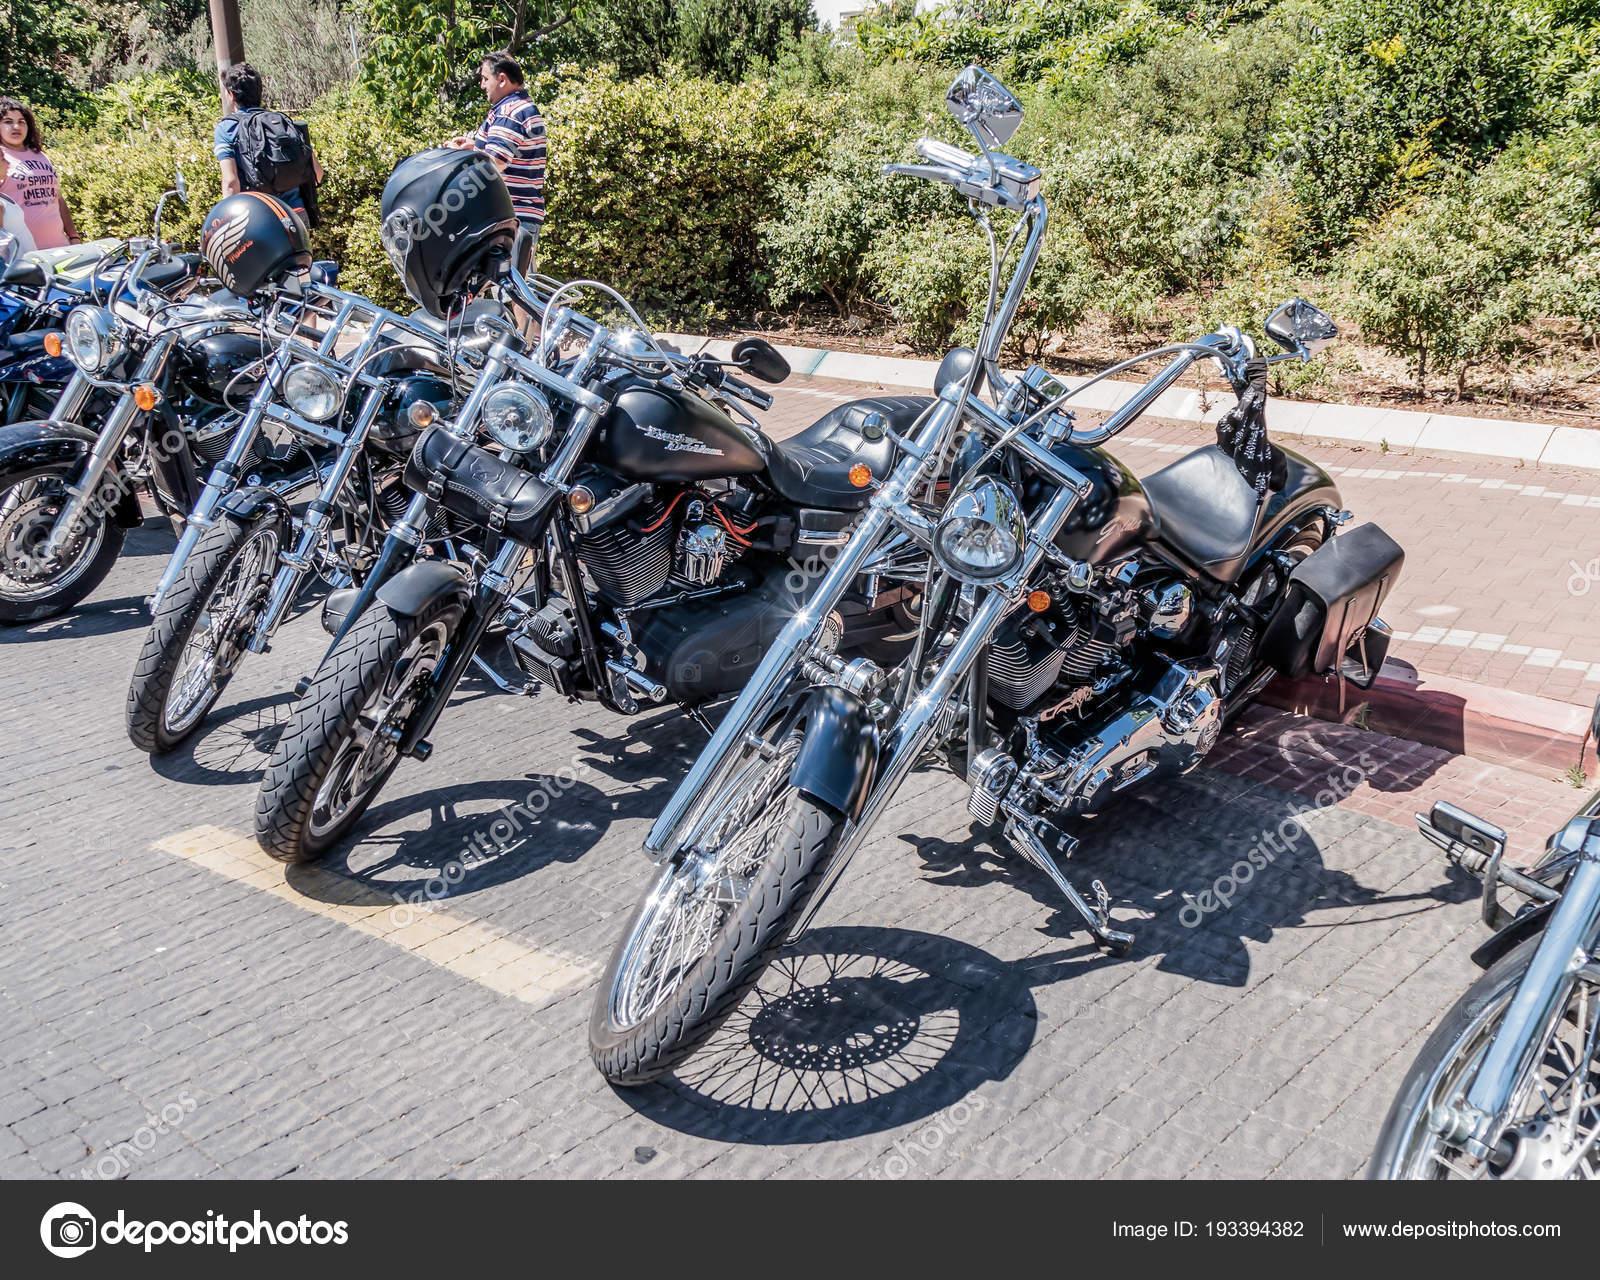 Imagenes De Motos Harley: Fotos: Harley Davidson Antiguas